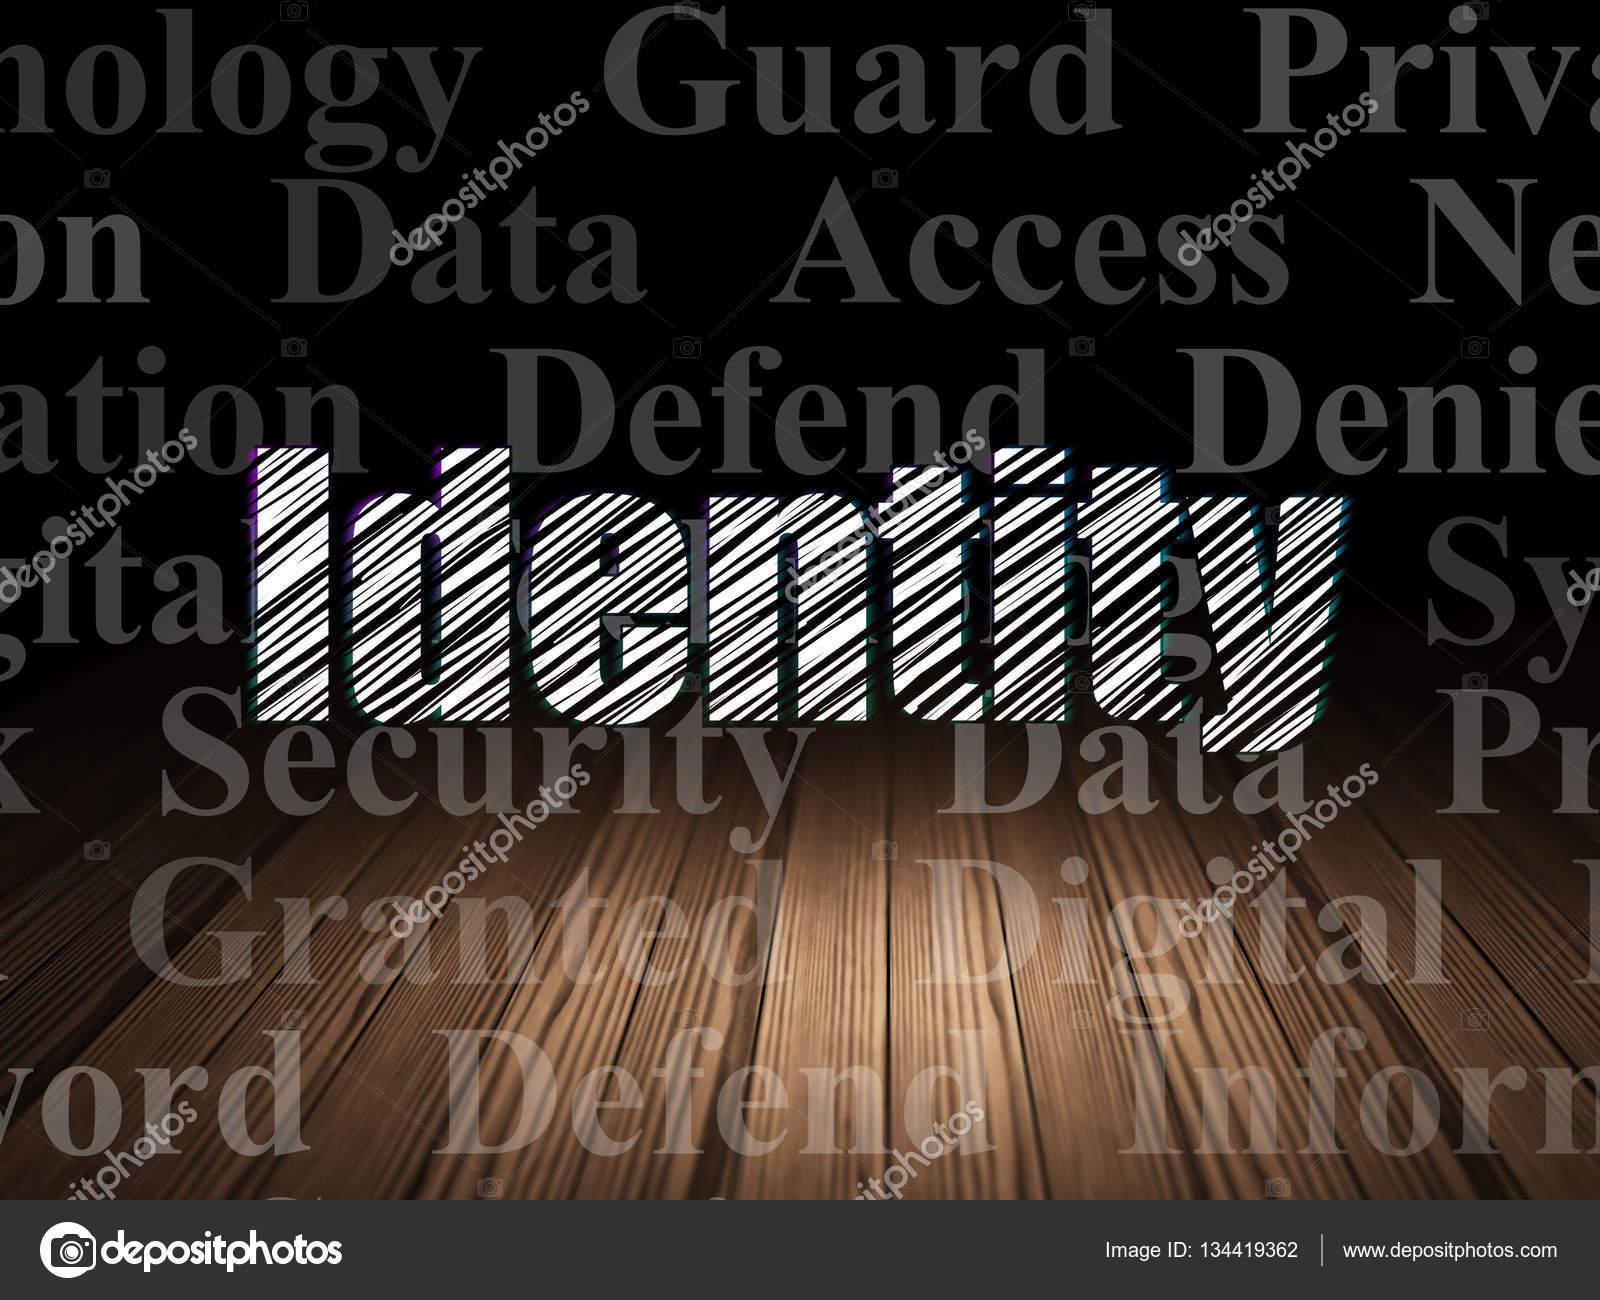 Holzfußboden Kreuzworträtsel ~ Datenschutz konzept: identität im grunge dunklen raum u2014 stockfoto